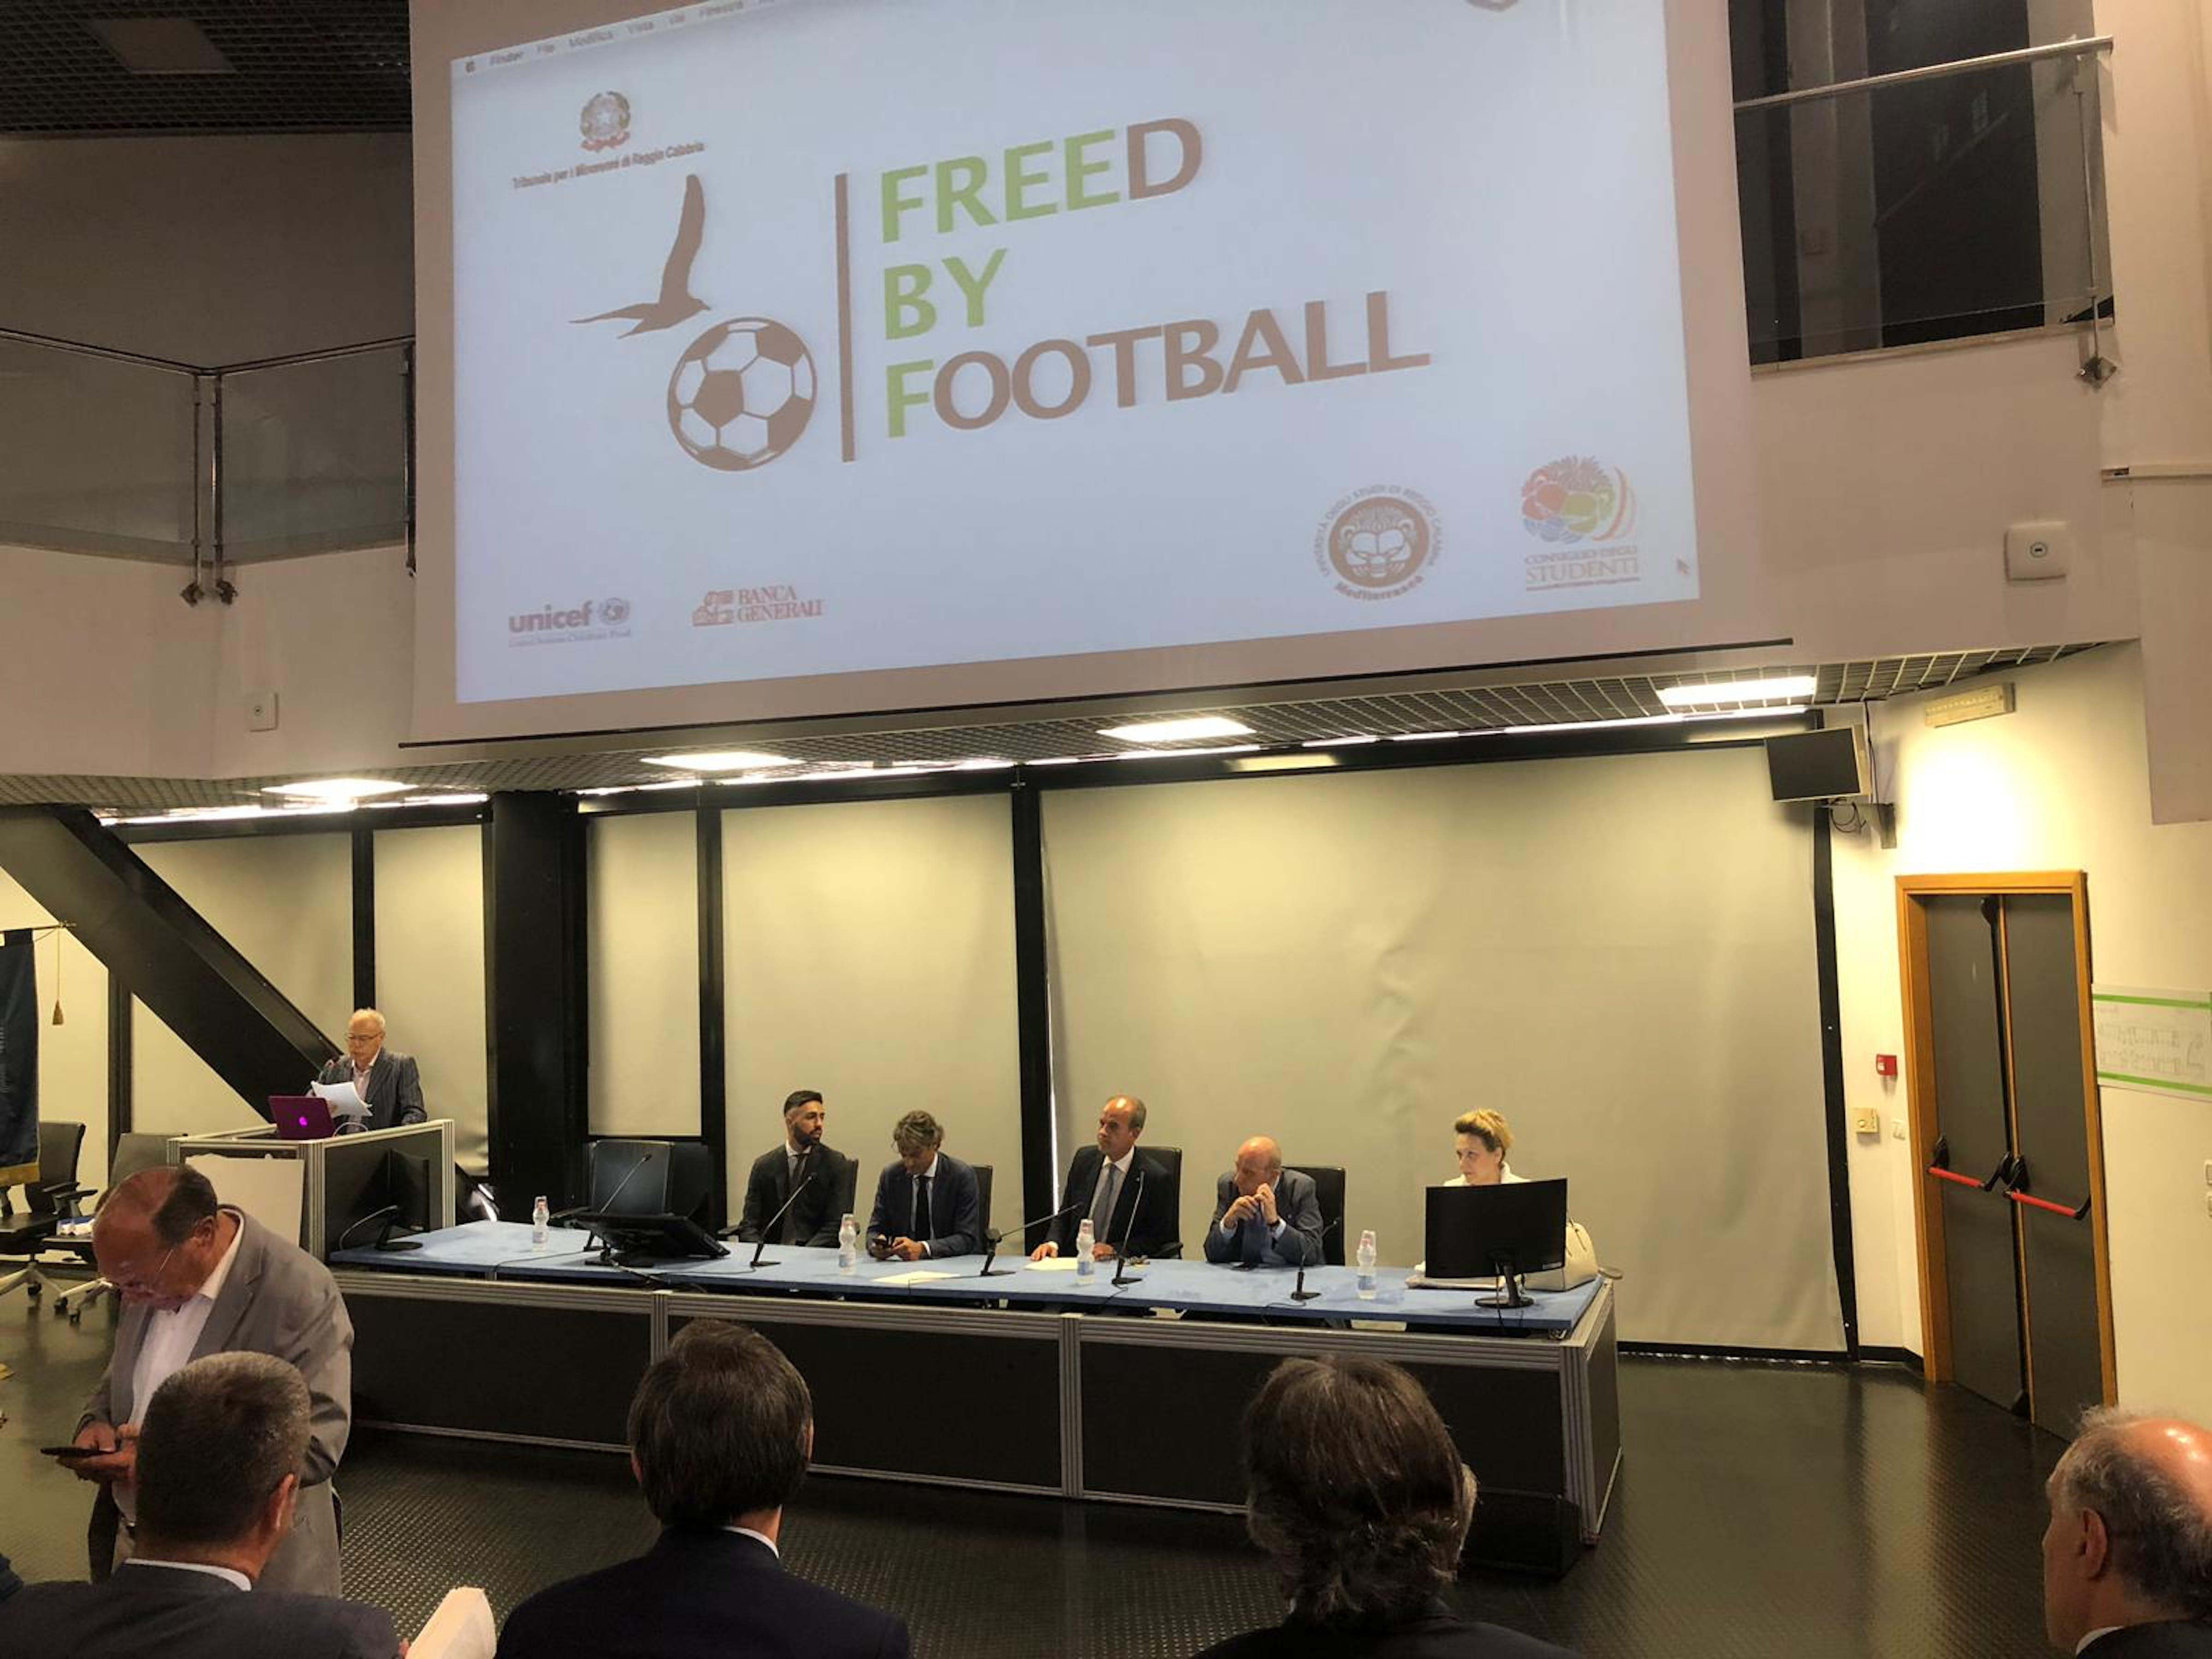 Il Presidente dell'UNICEF Italia F. Samengo e gli altri componenti del tavolo di presidenza dell'evento - ©UNICEF Italia/2019/Tavella